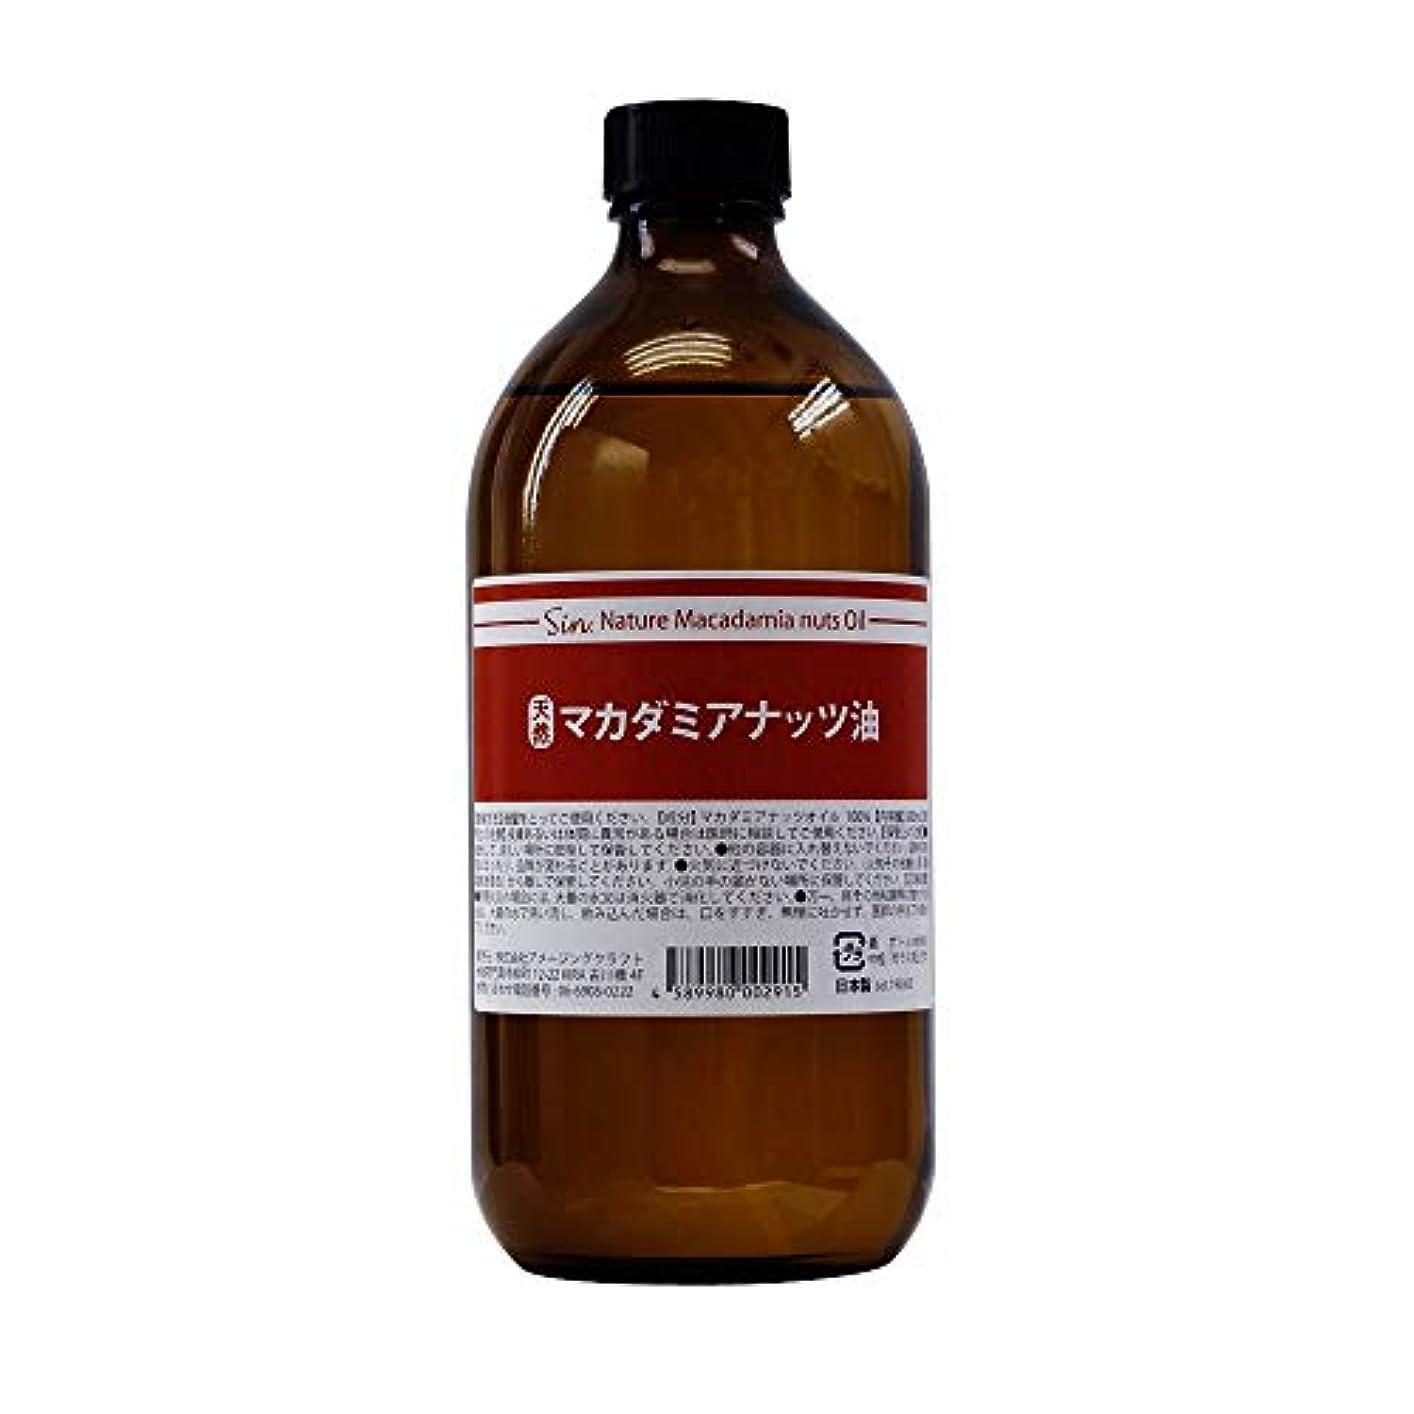 遺伝的ブラスト死ぬ天然無添加 国内精製 マカダミアナッツオイル 500ml